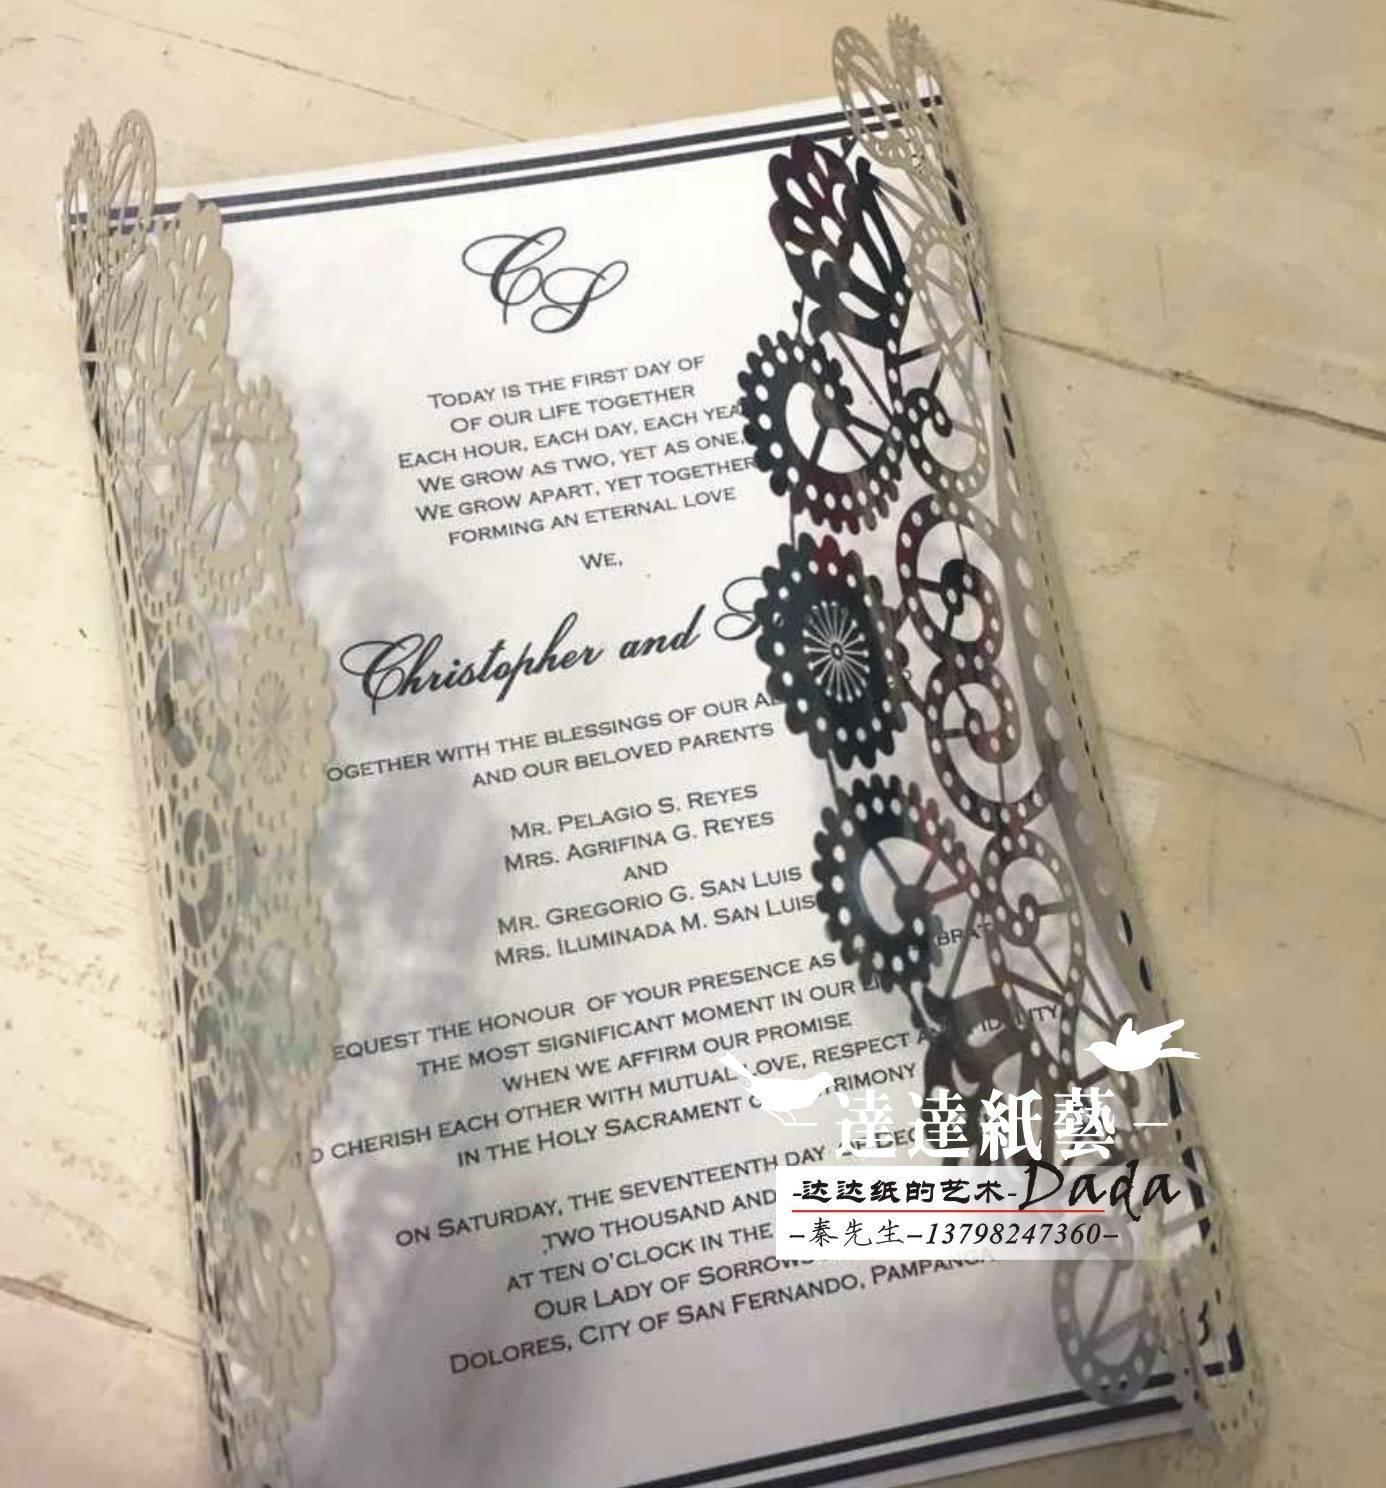 镂空请柬 邀请函 非常漂亮的结婚请帖 亮光银色 喜帖卡片批发